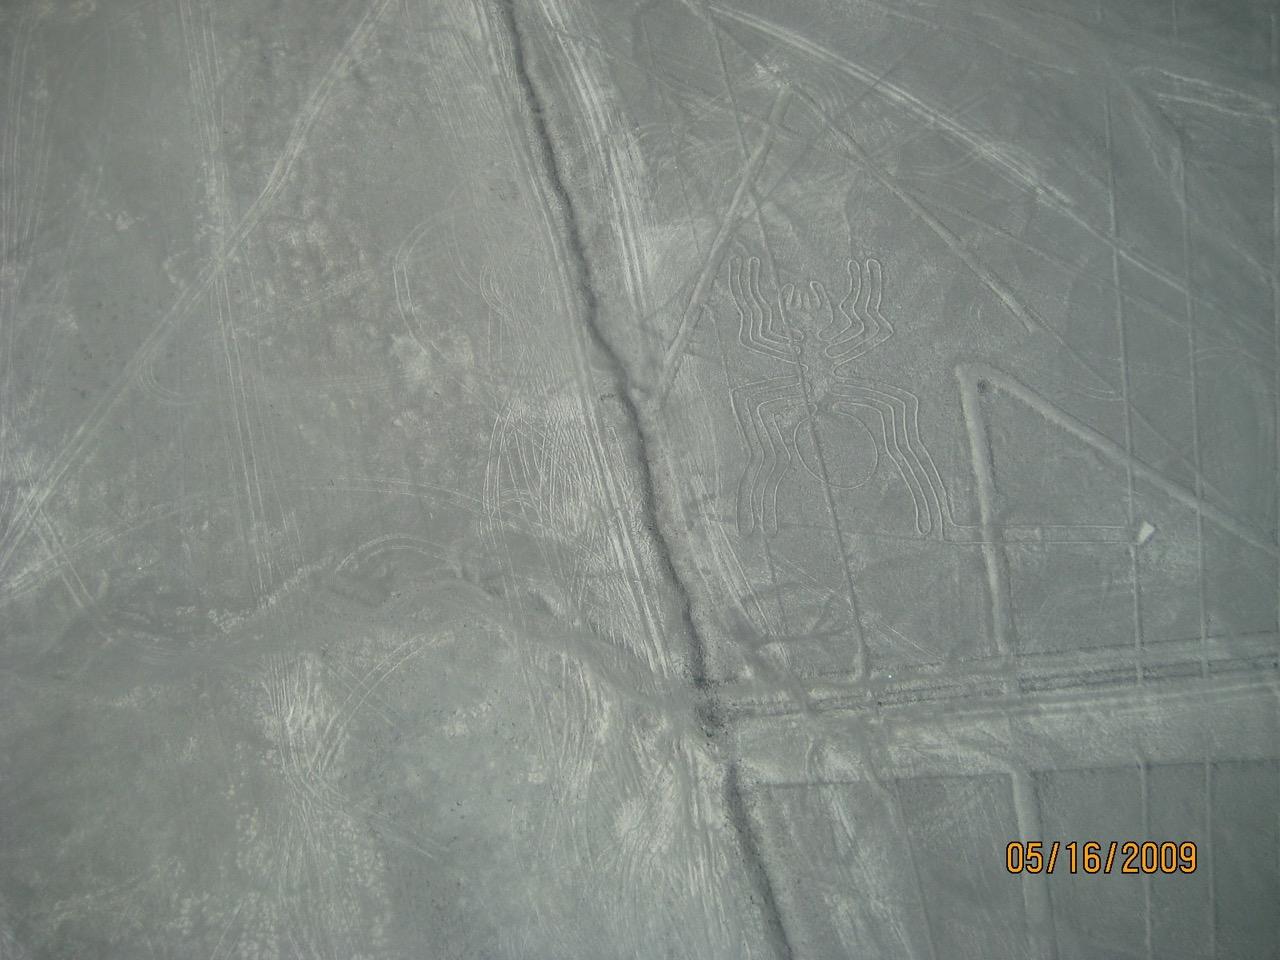 Nazca lines 'Spider' - Nazca, Peru